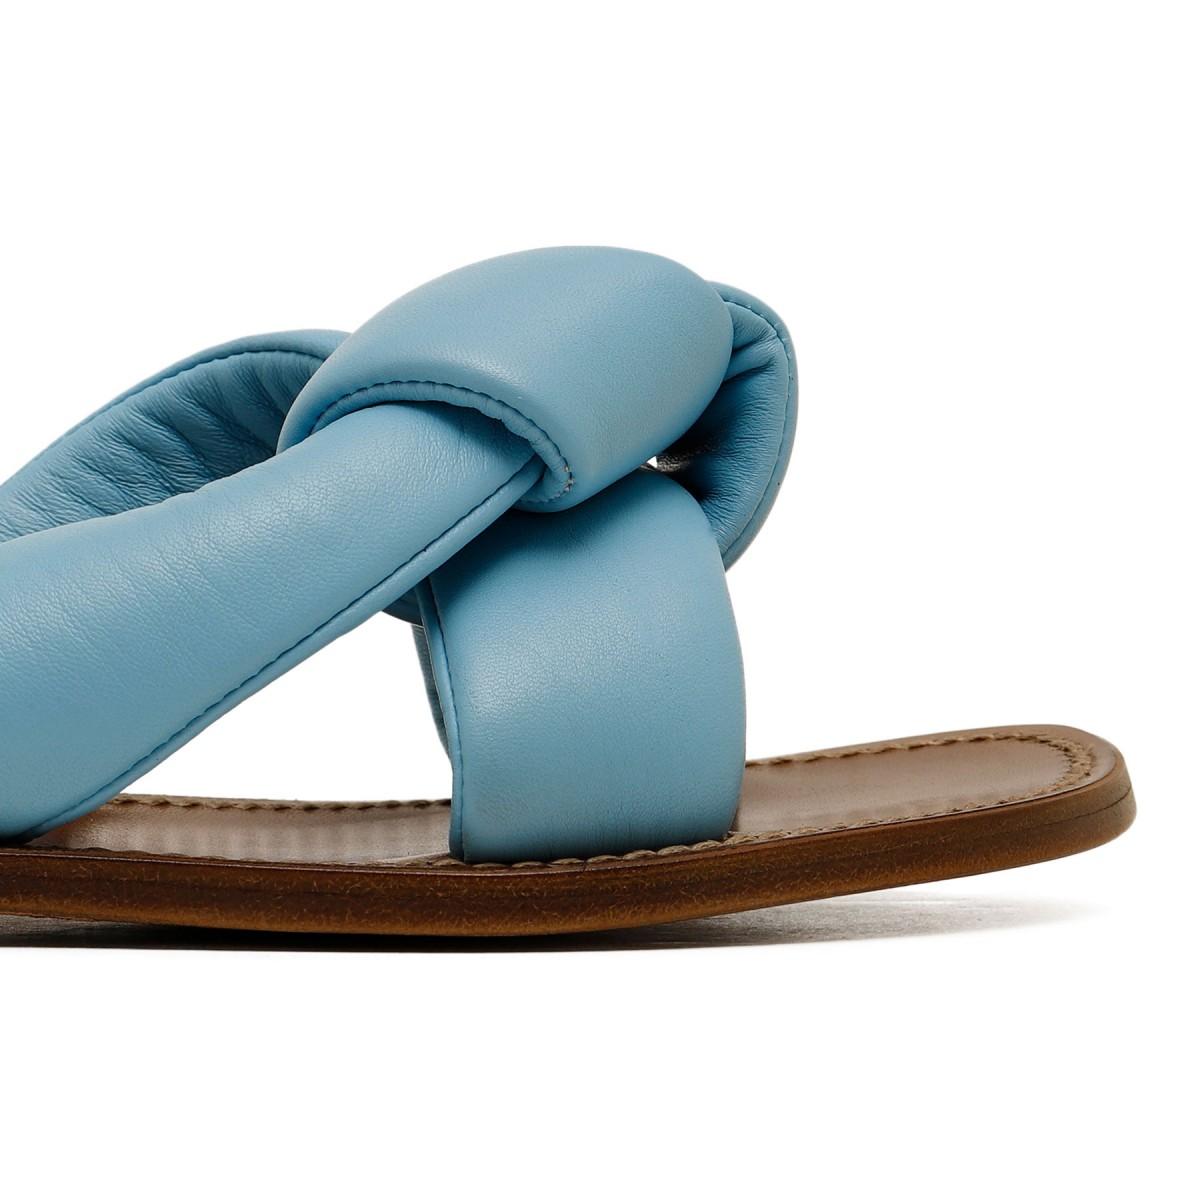 Light blue leather slide sandals